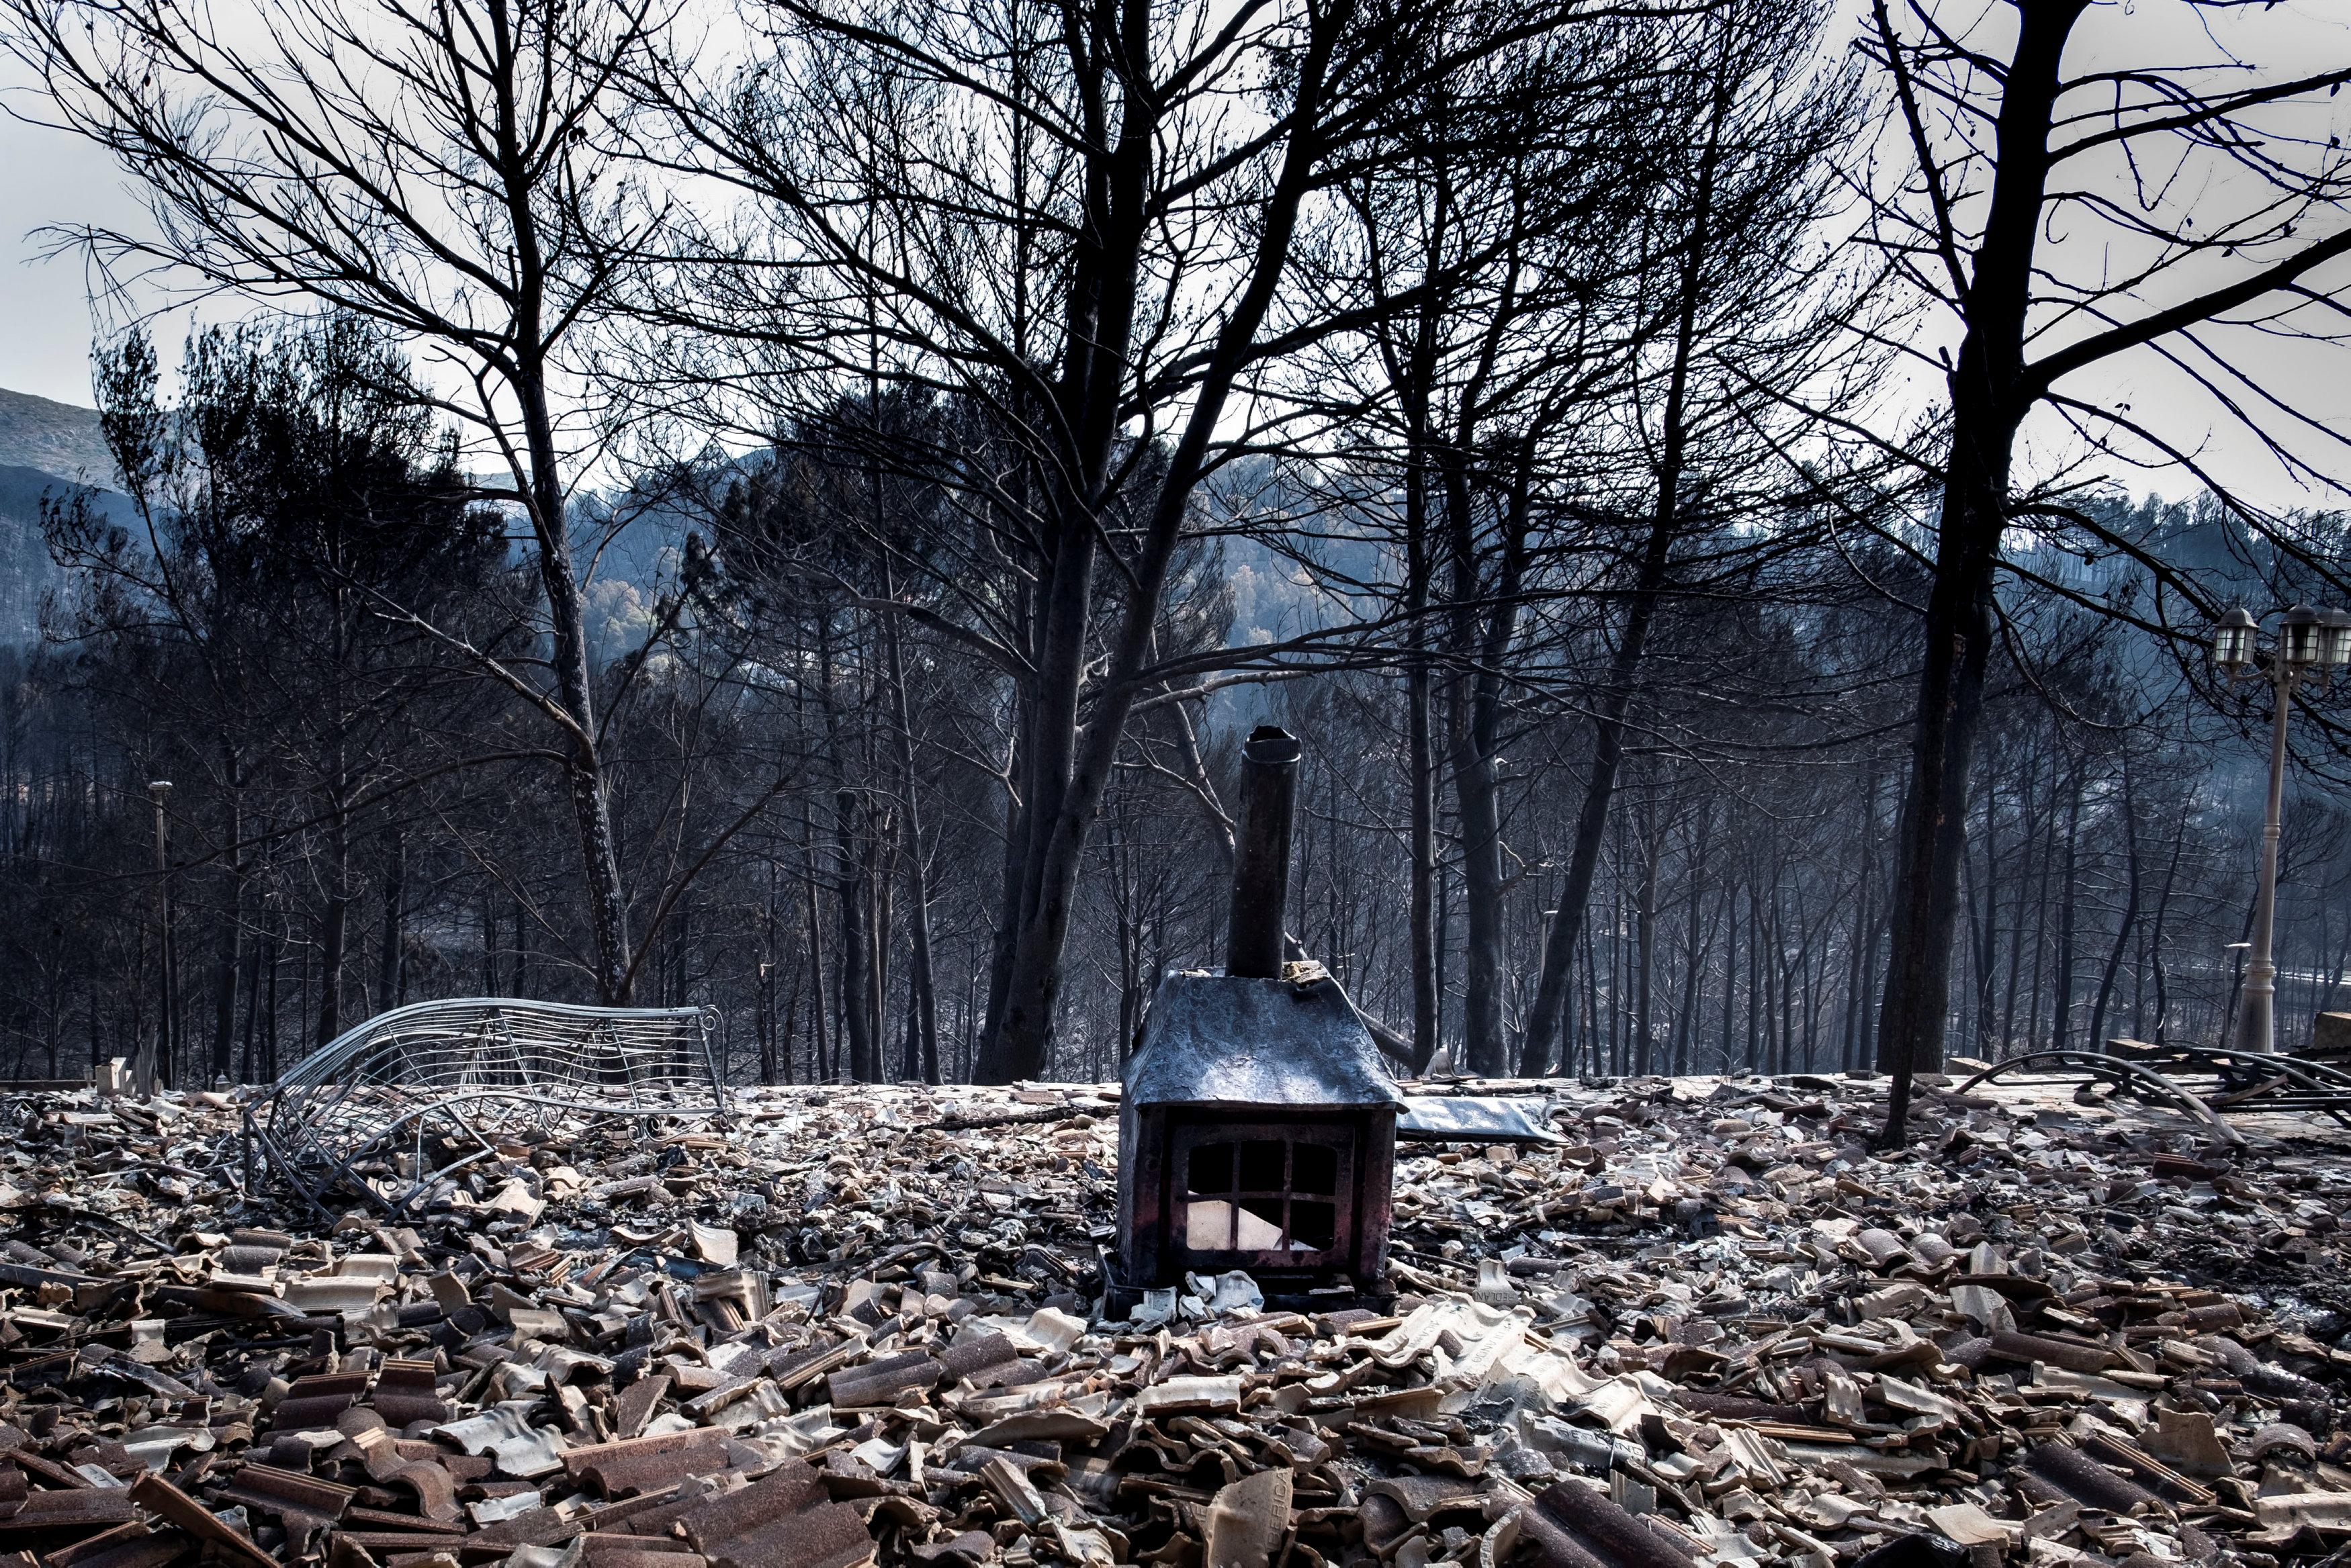 الحرائق تدمر غابات فى اسبانيا